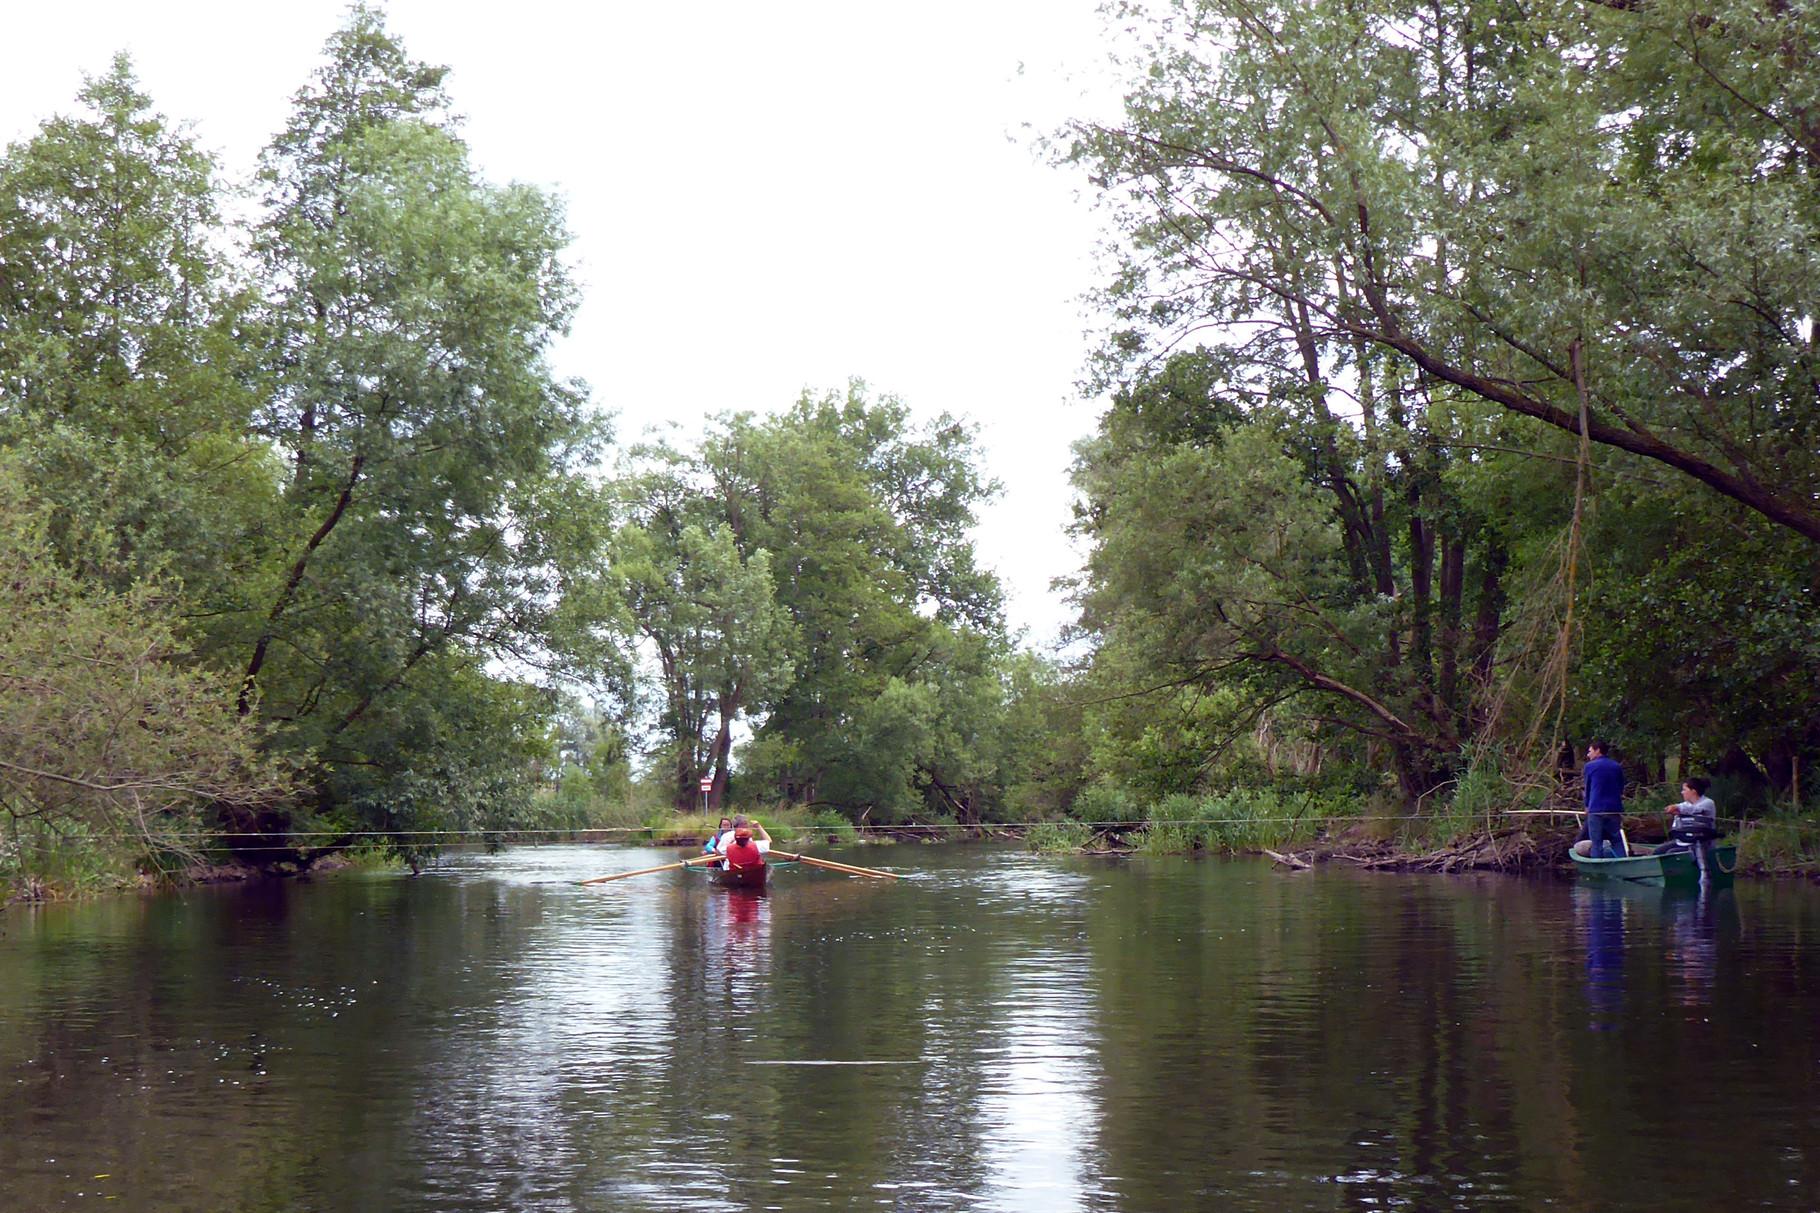 Um die Ecke entgehen wir knapp einem Mordversuch mit Stahlseilen über dem Fluss!